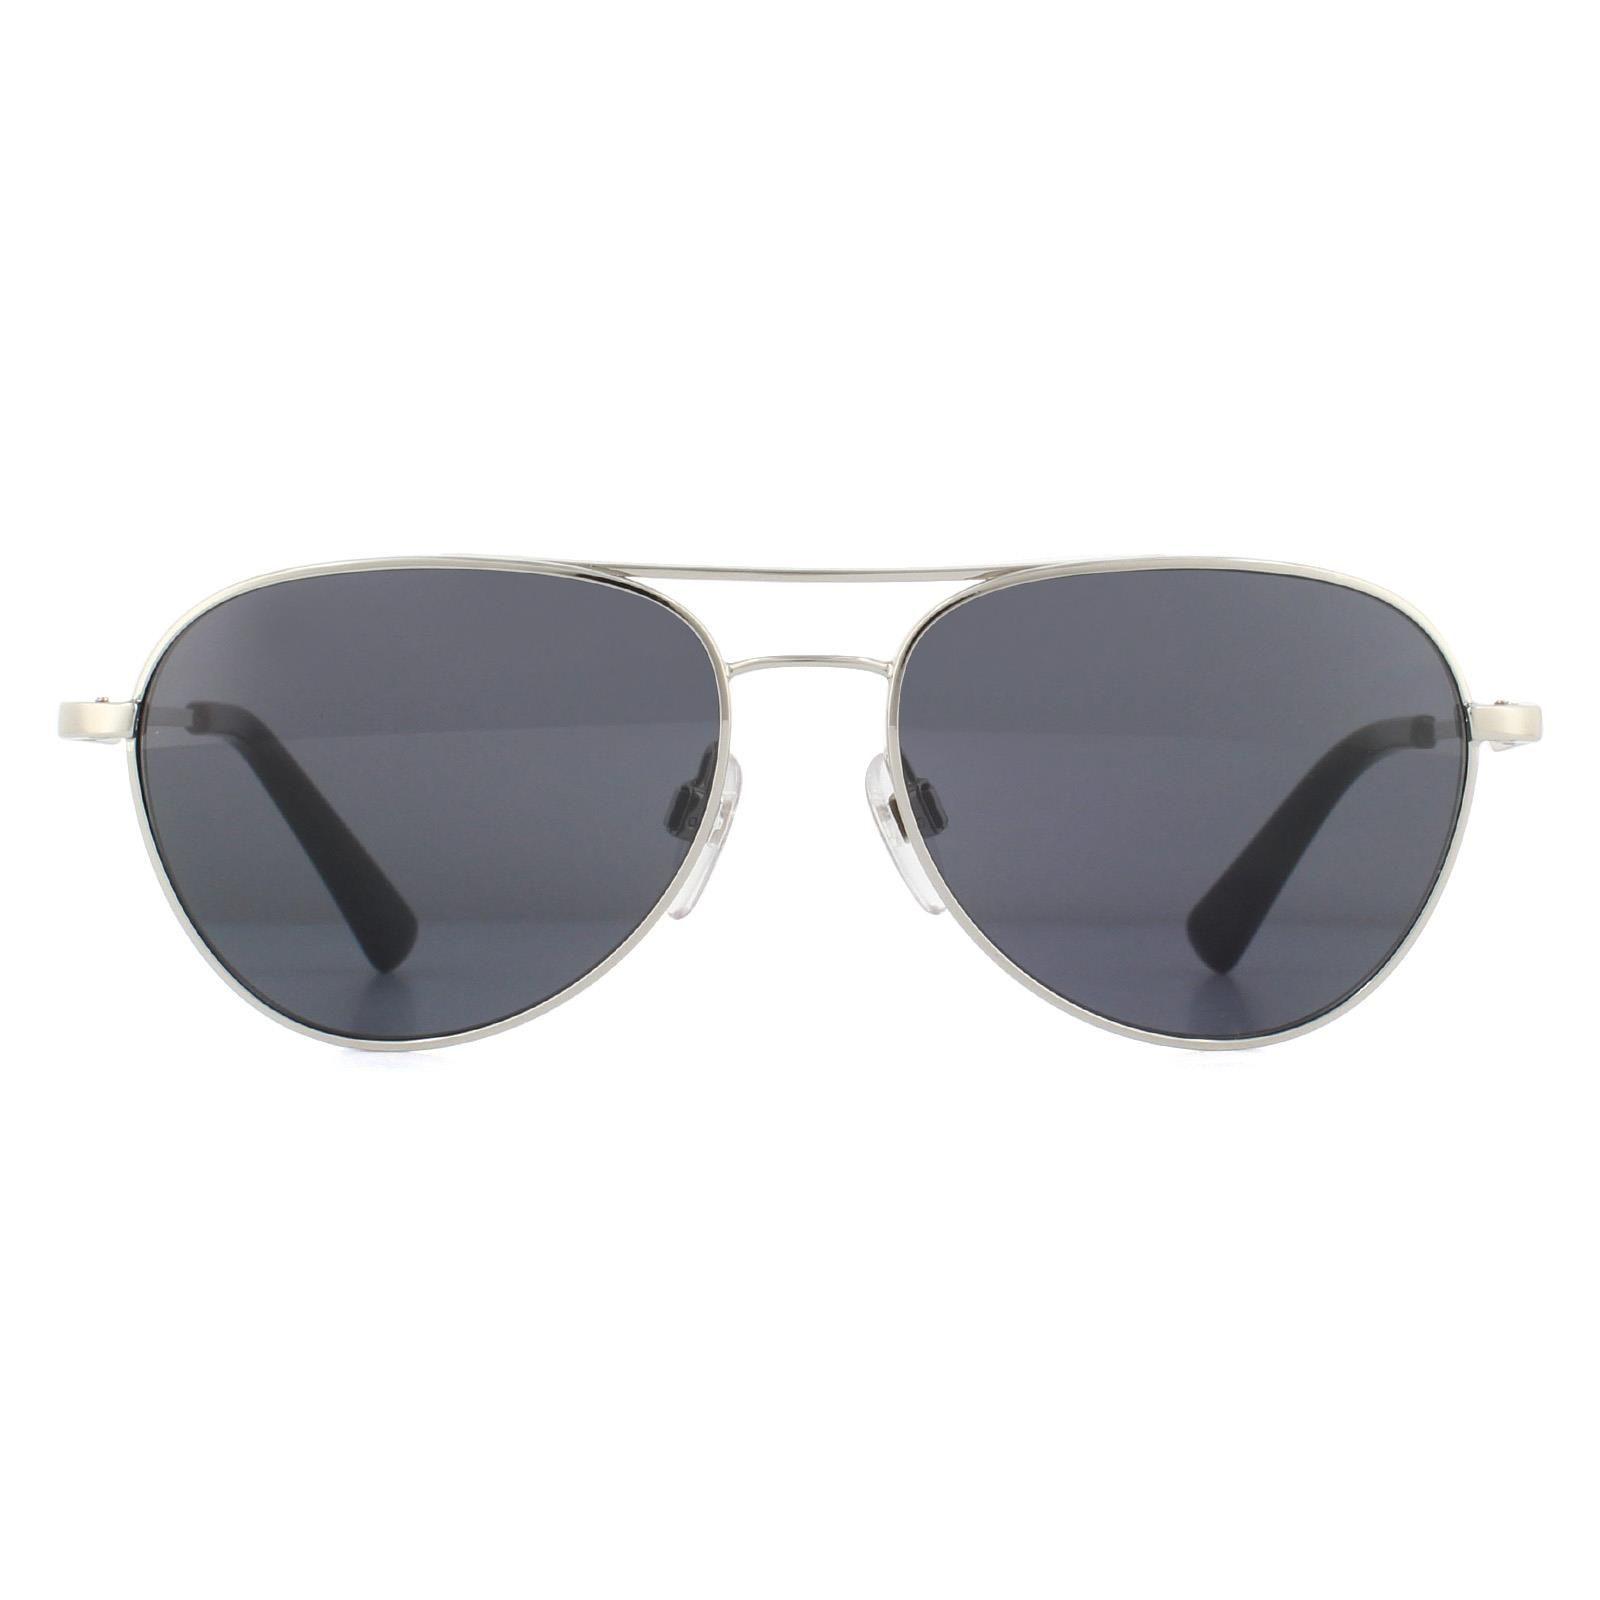 Diesel Sunglasses DL0291 16A Silver Grey